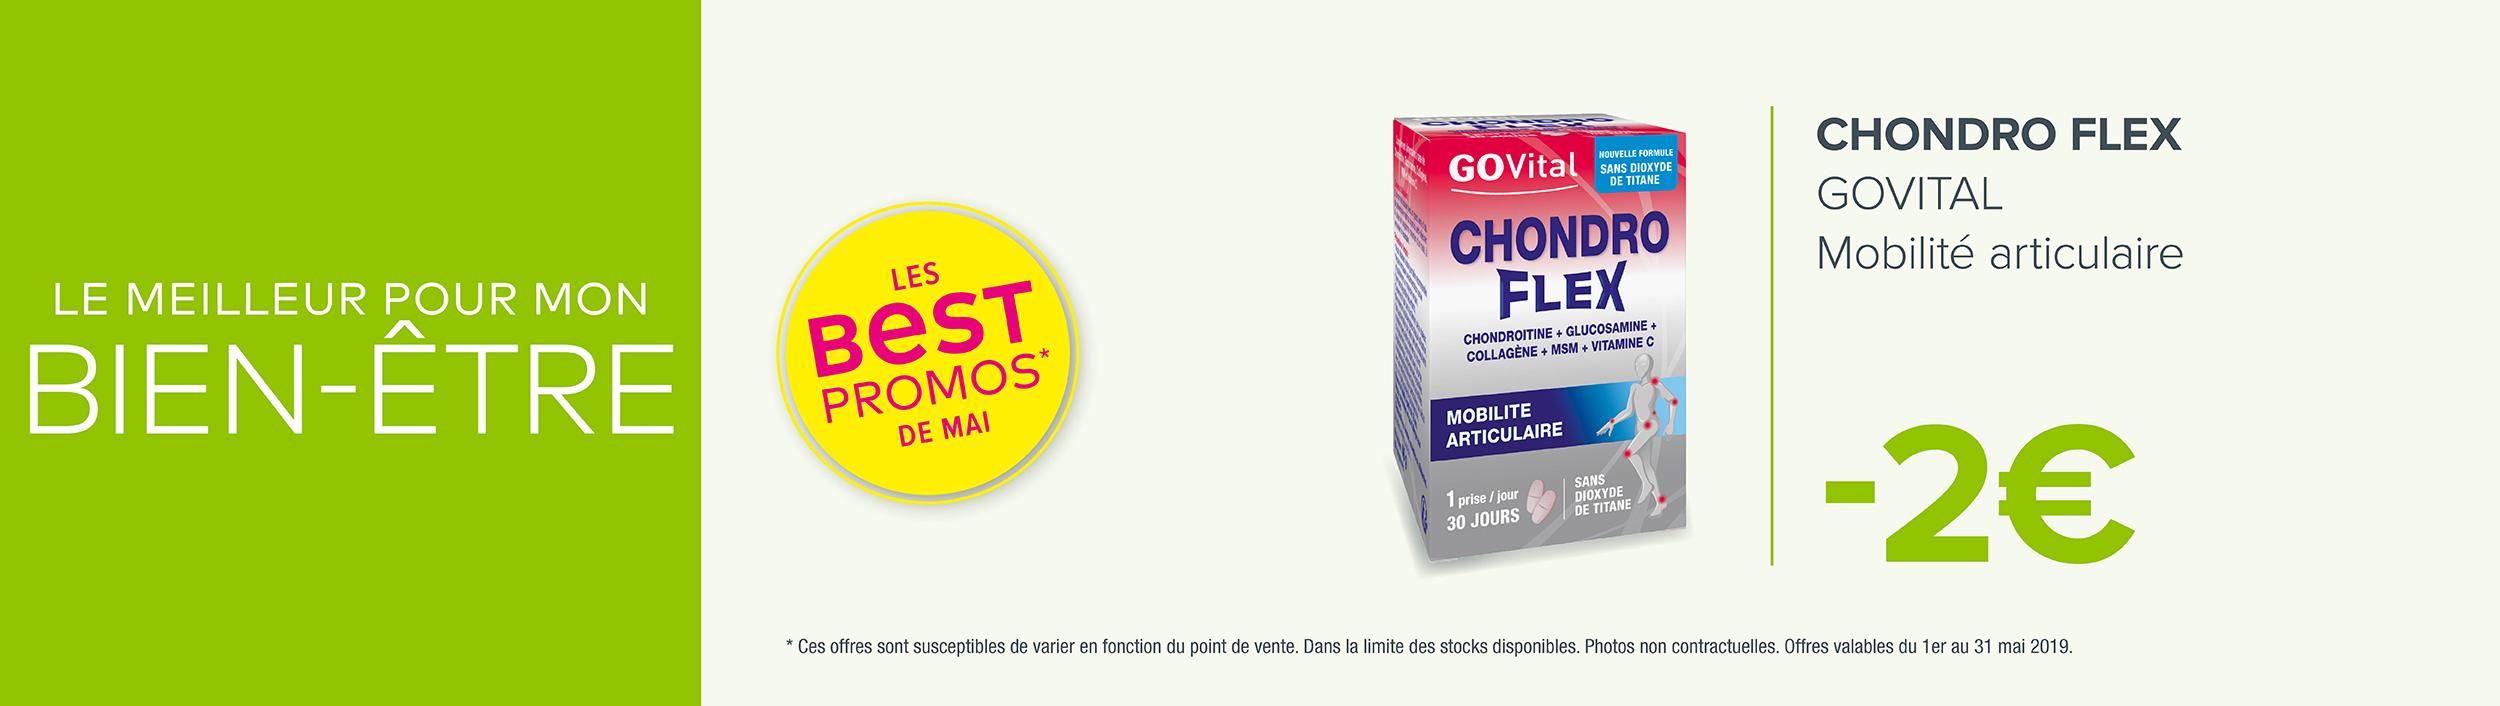 CHONDRO FLEX - GOVITAL / Mobilité articulaire